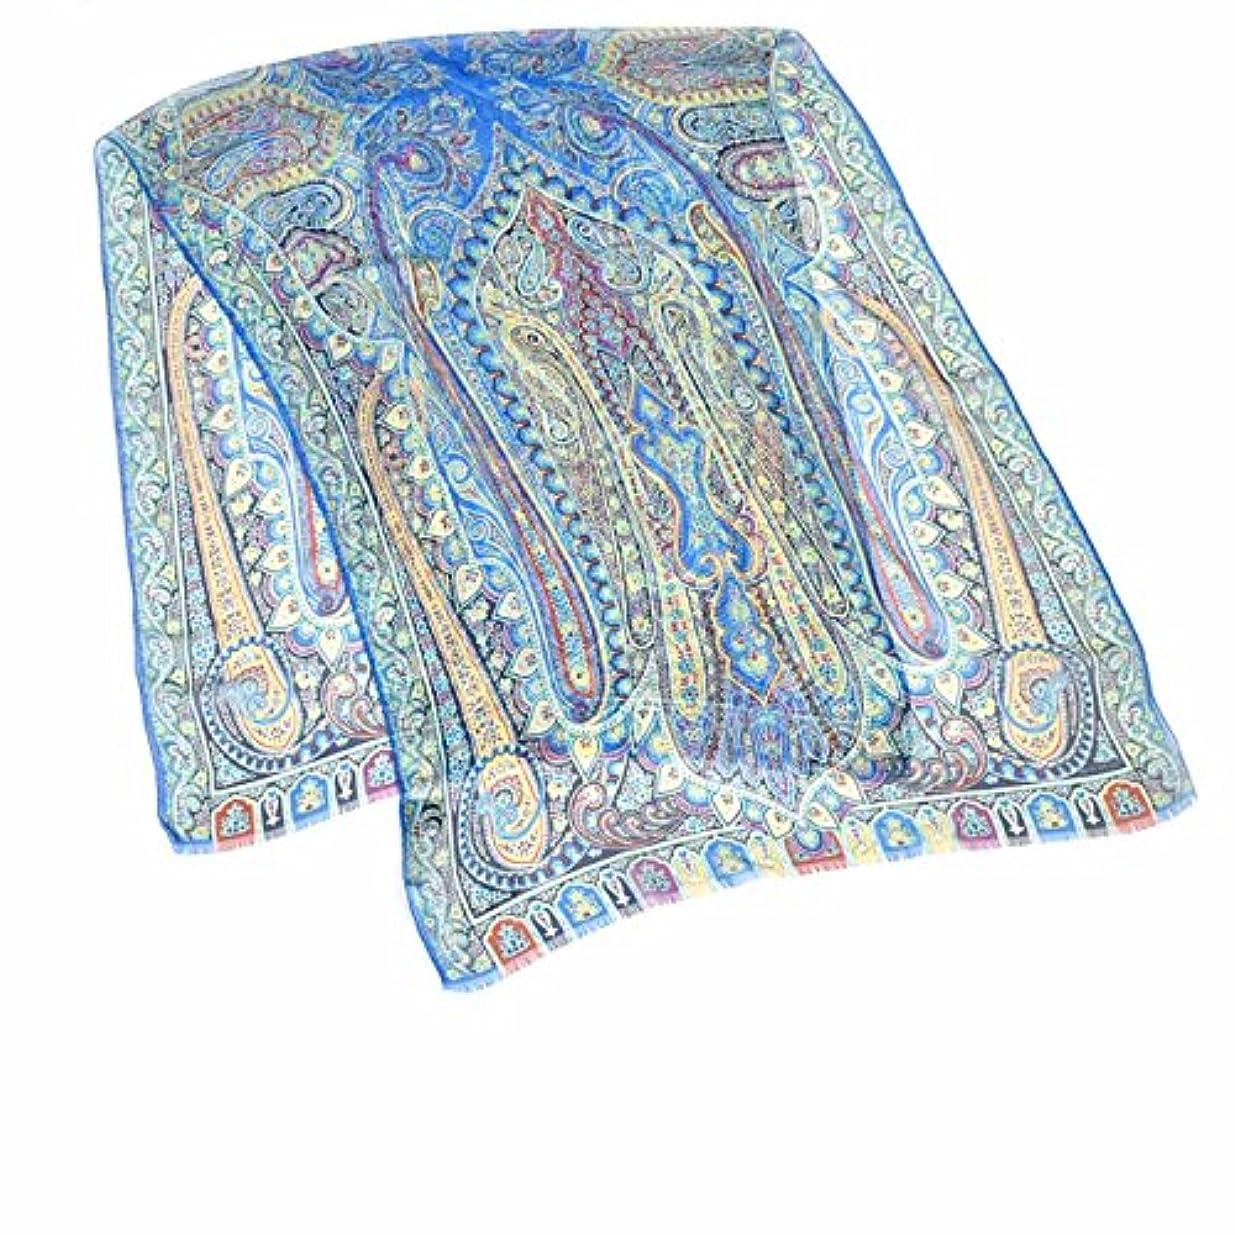 リラックスした器用書店(エトロ) ETRO スカーフ 10007 5615 0250 DHELY ブルー [並行輸入品]